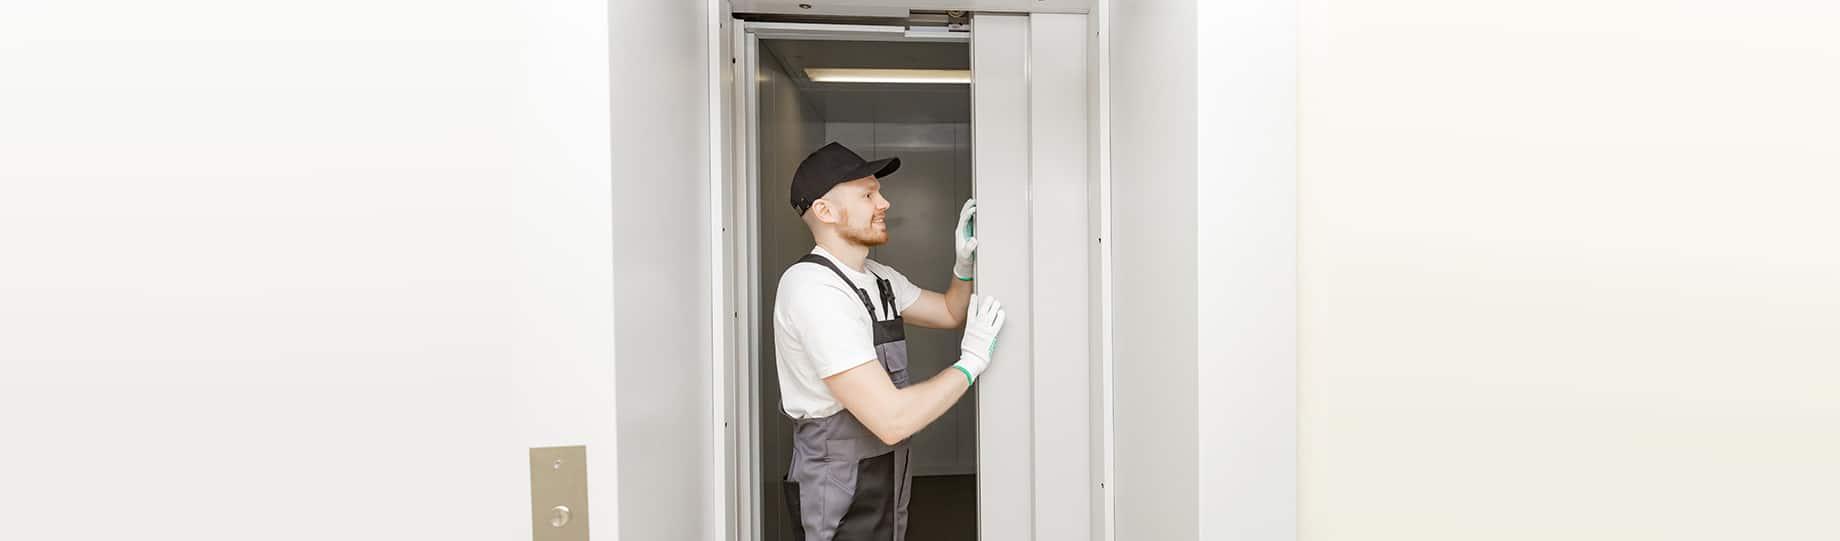 invista-na-conservação-e-prolongue-a-vida-útil-dos-elevadores